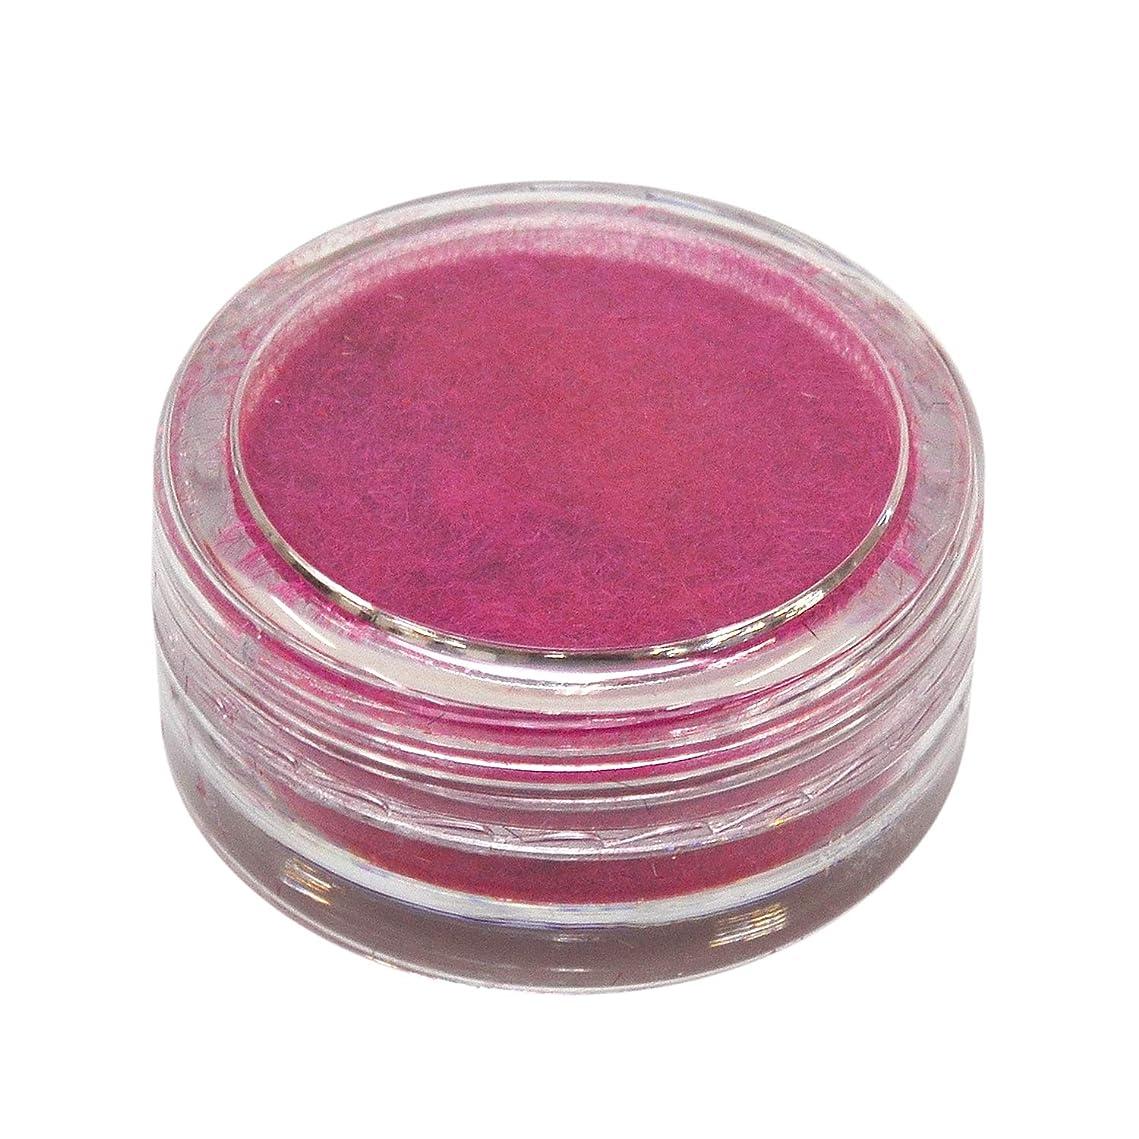 原理ビタミン郵便屋さんネルパラ ベルベットパウダー #3 ローズピンク